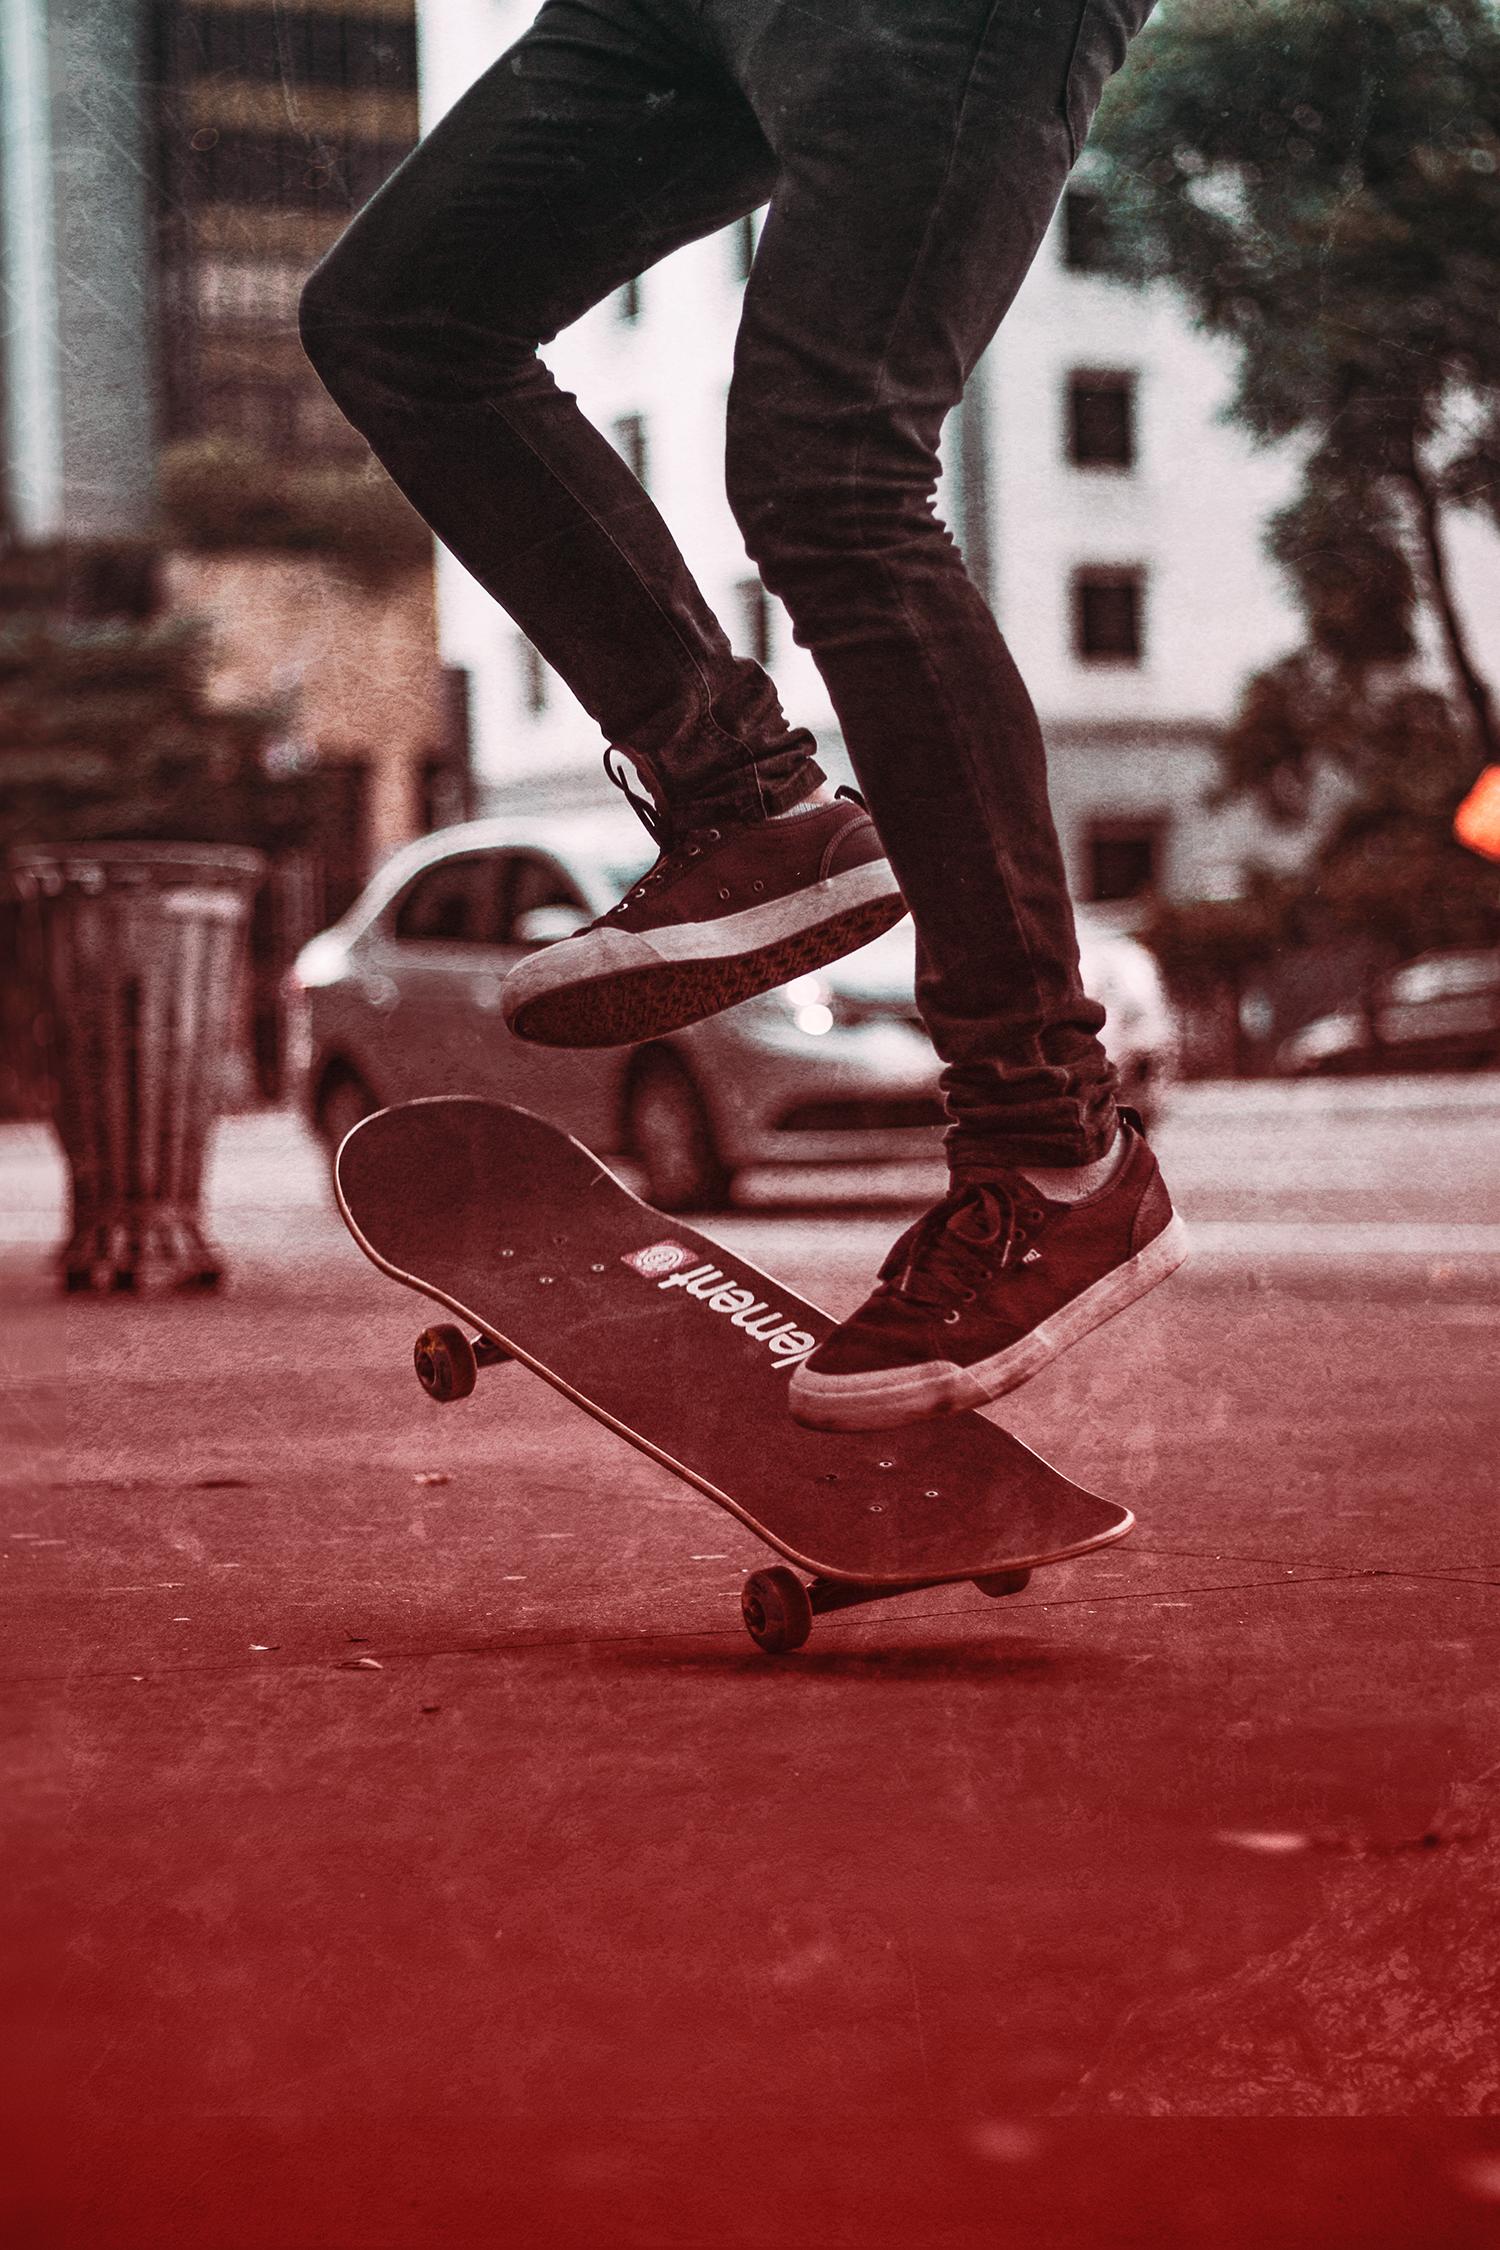 About Pitbull Skateboards